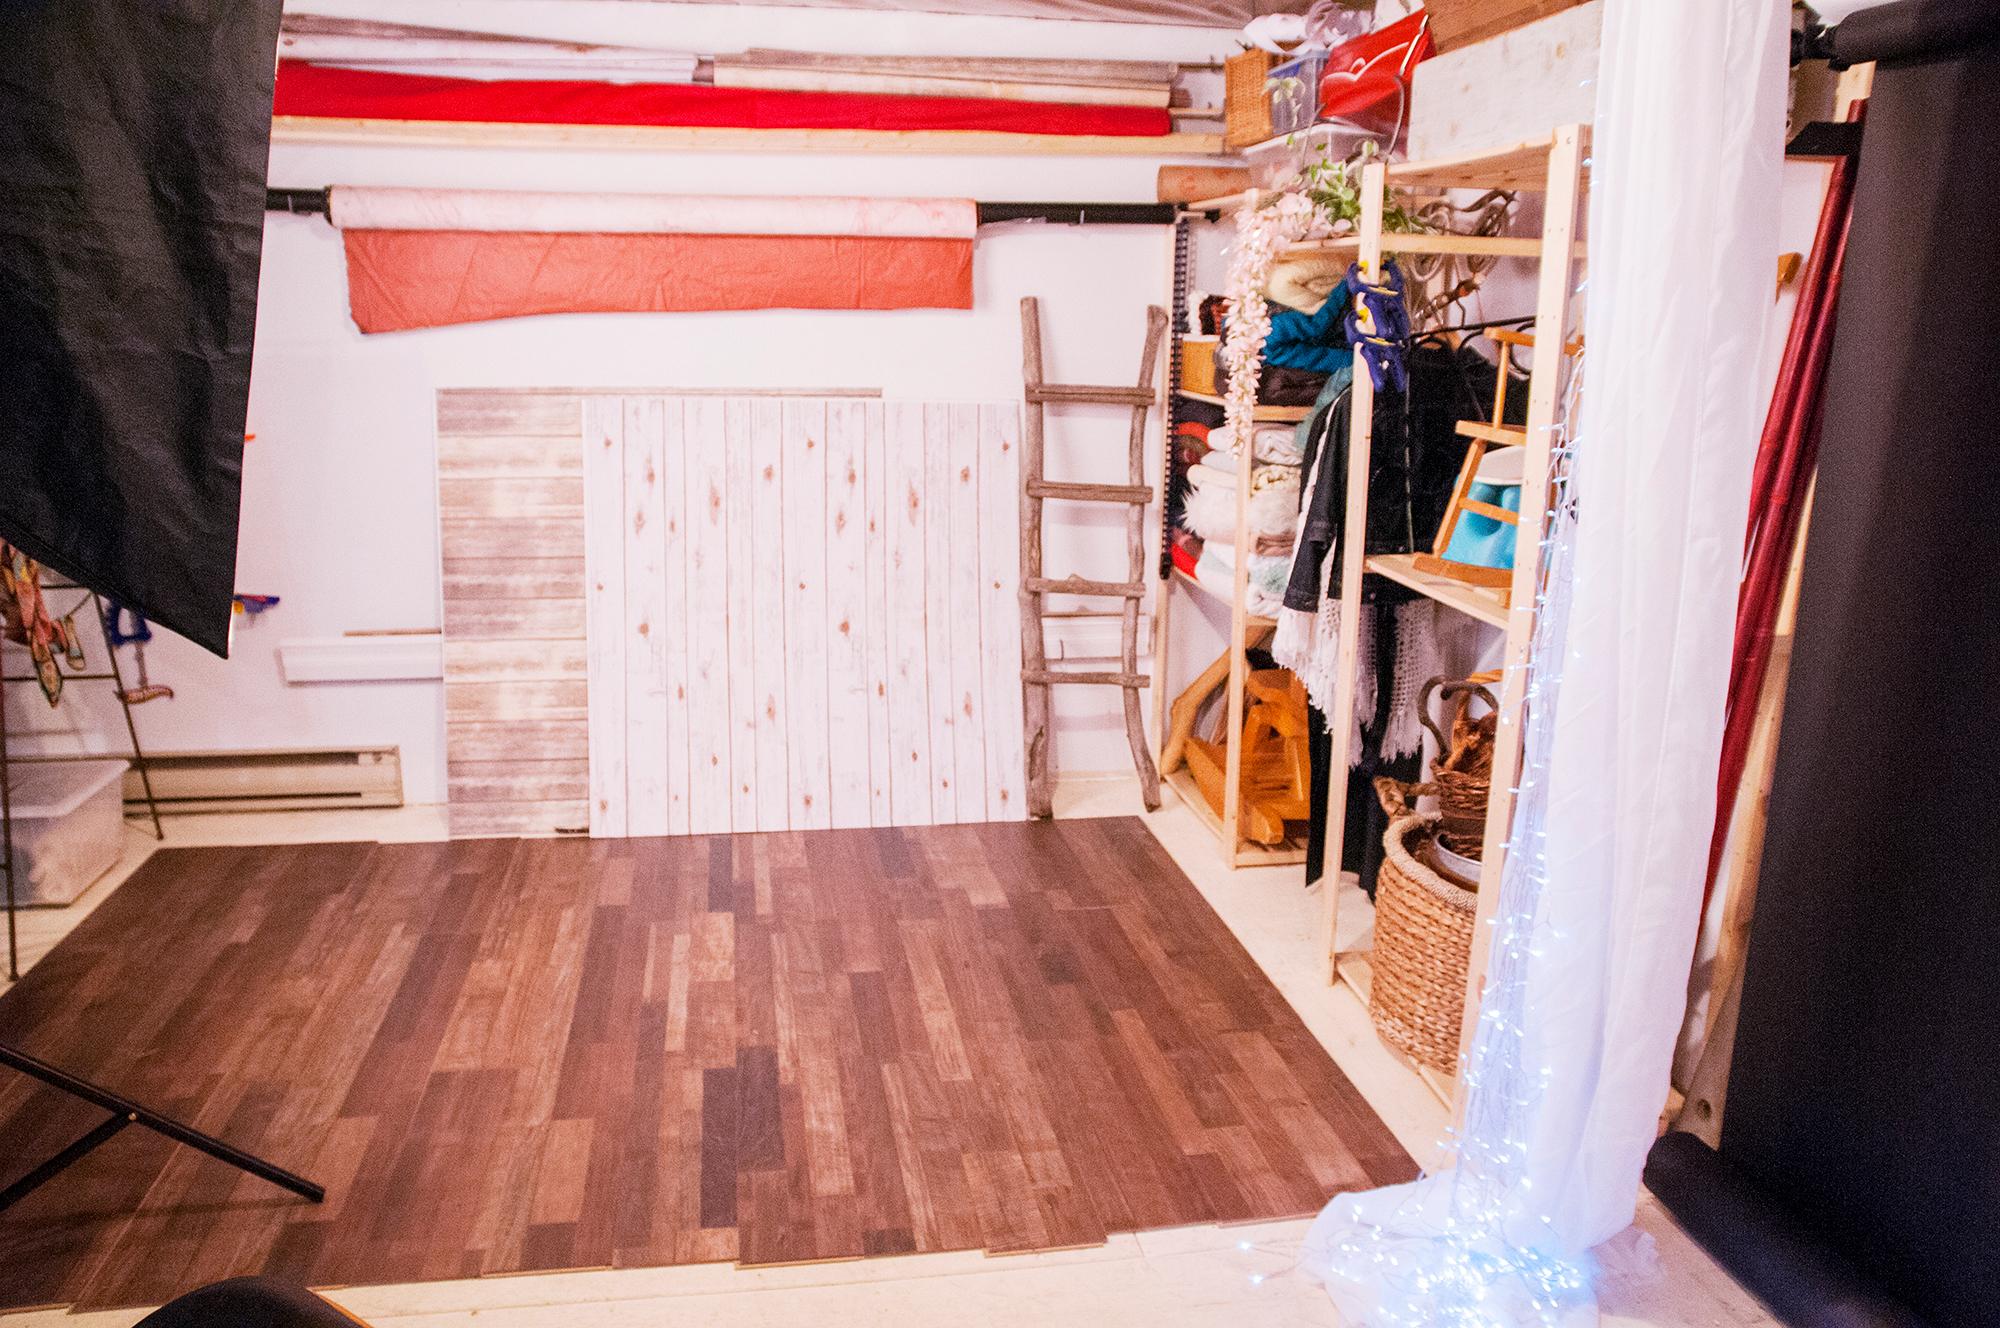 Set 2 With Floor